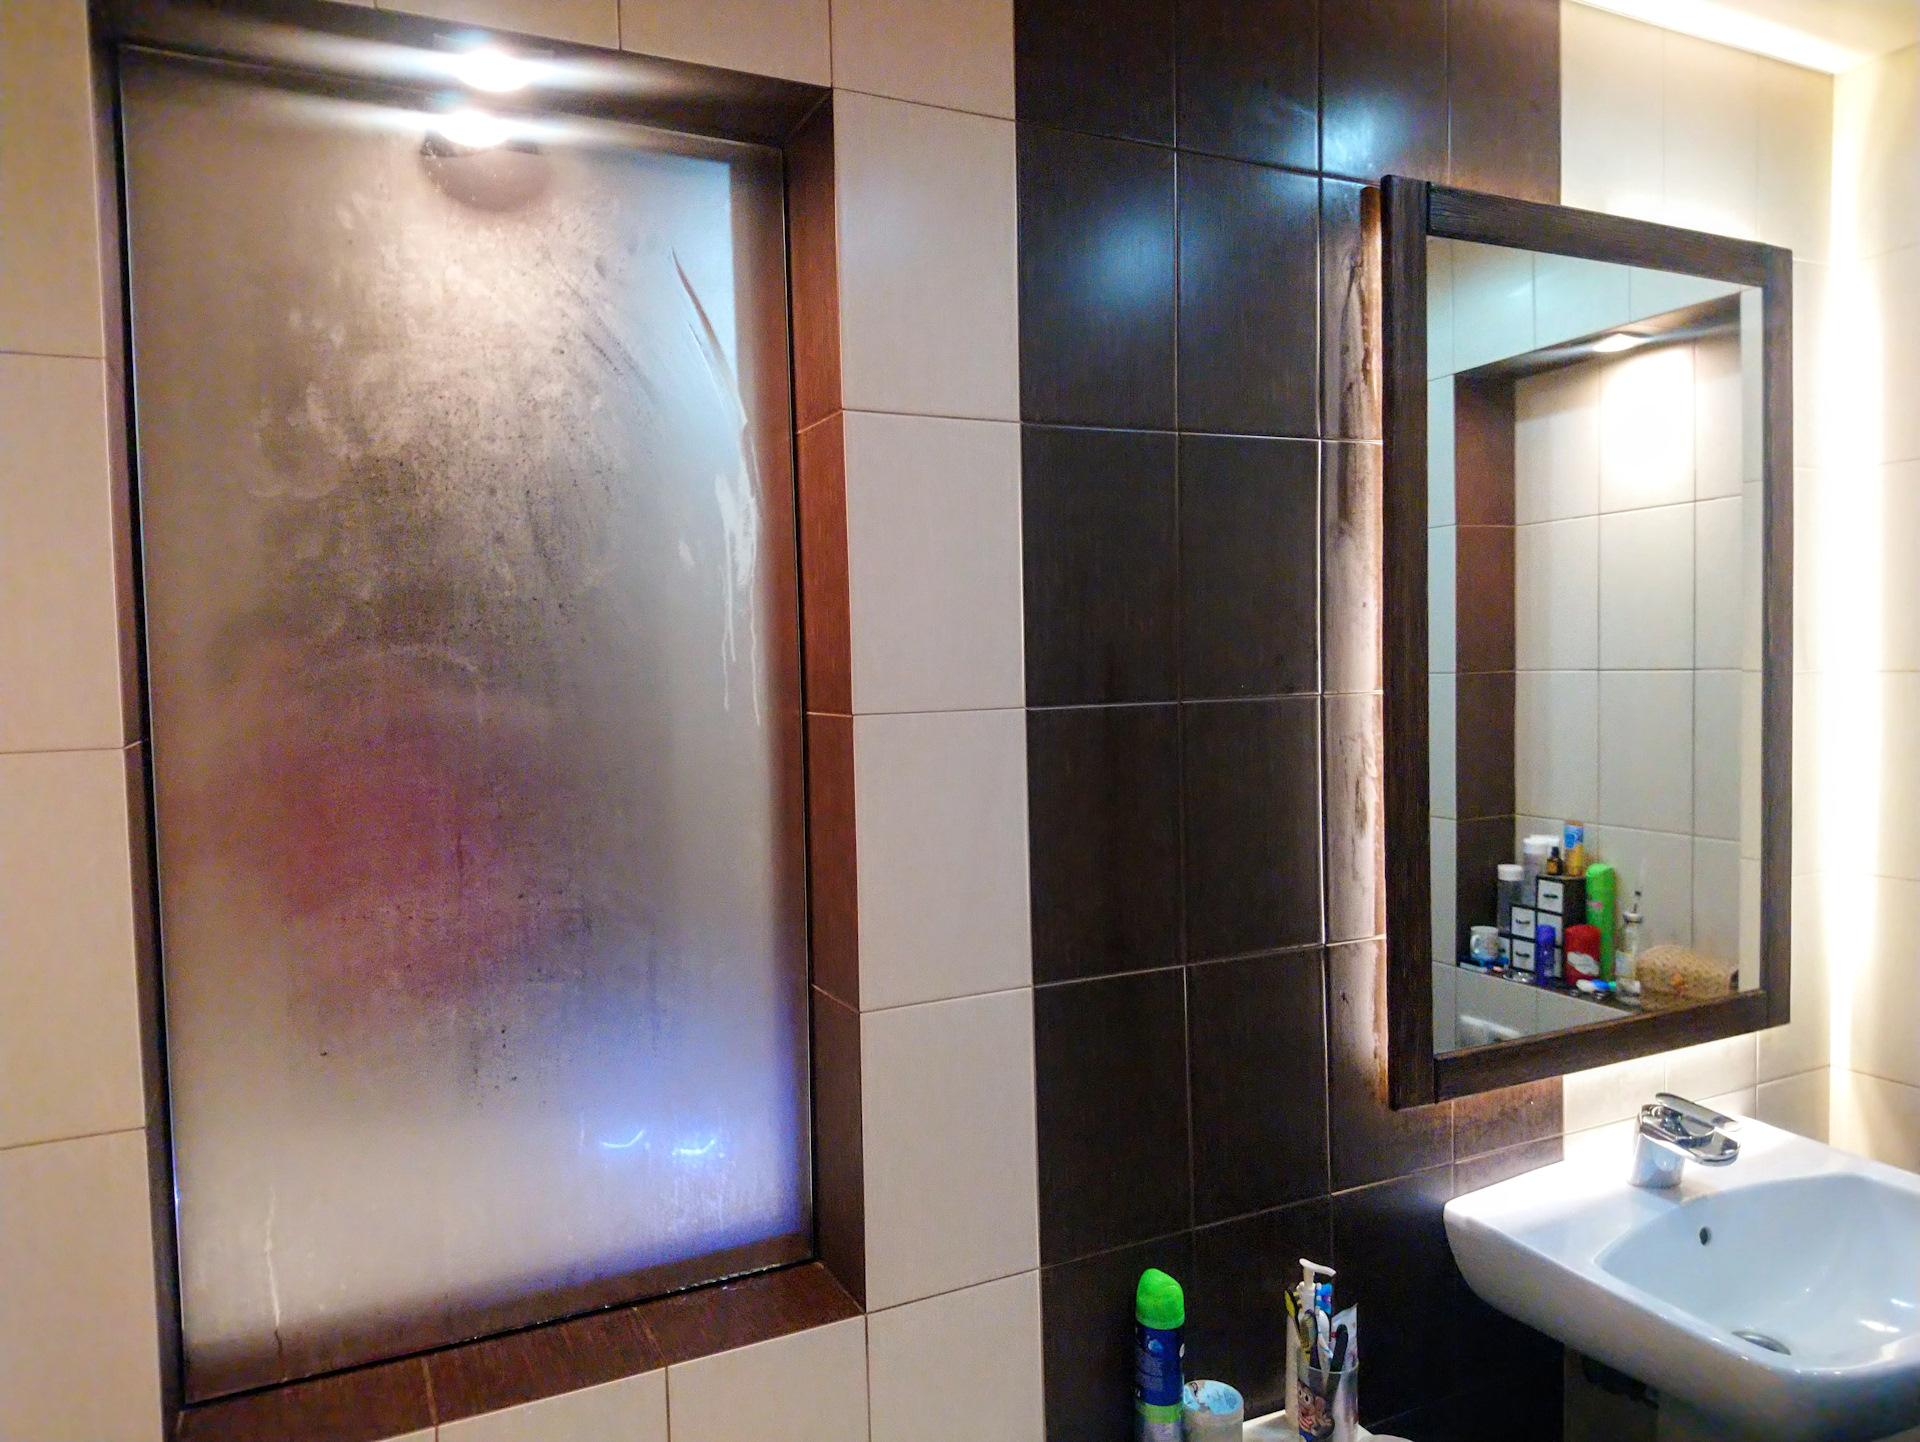 Чем и как отмыть зеркало в ванной от известкового налета и потеков воды: лучшие химические и народные средства